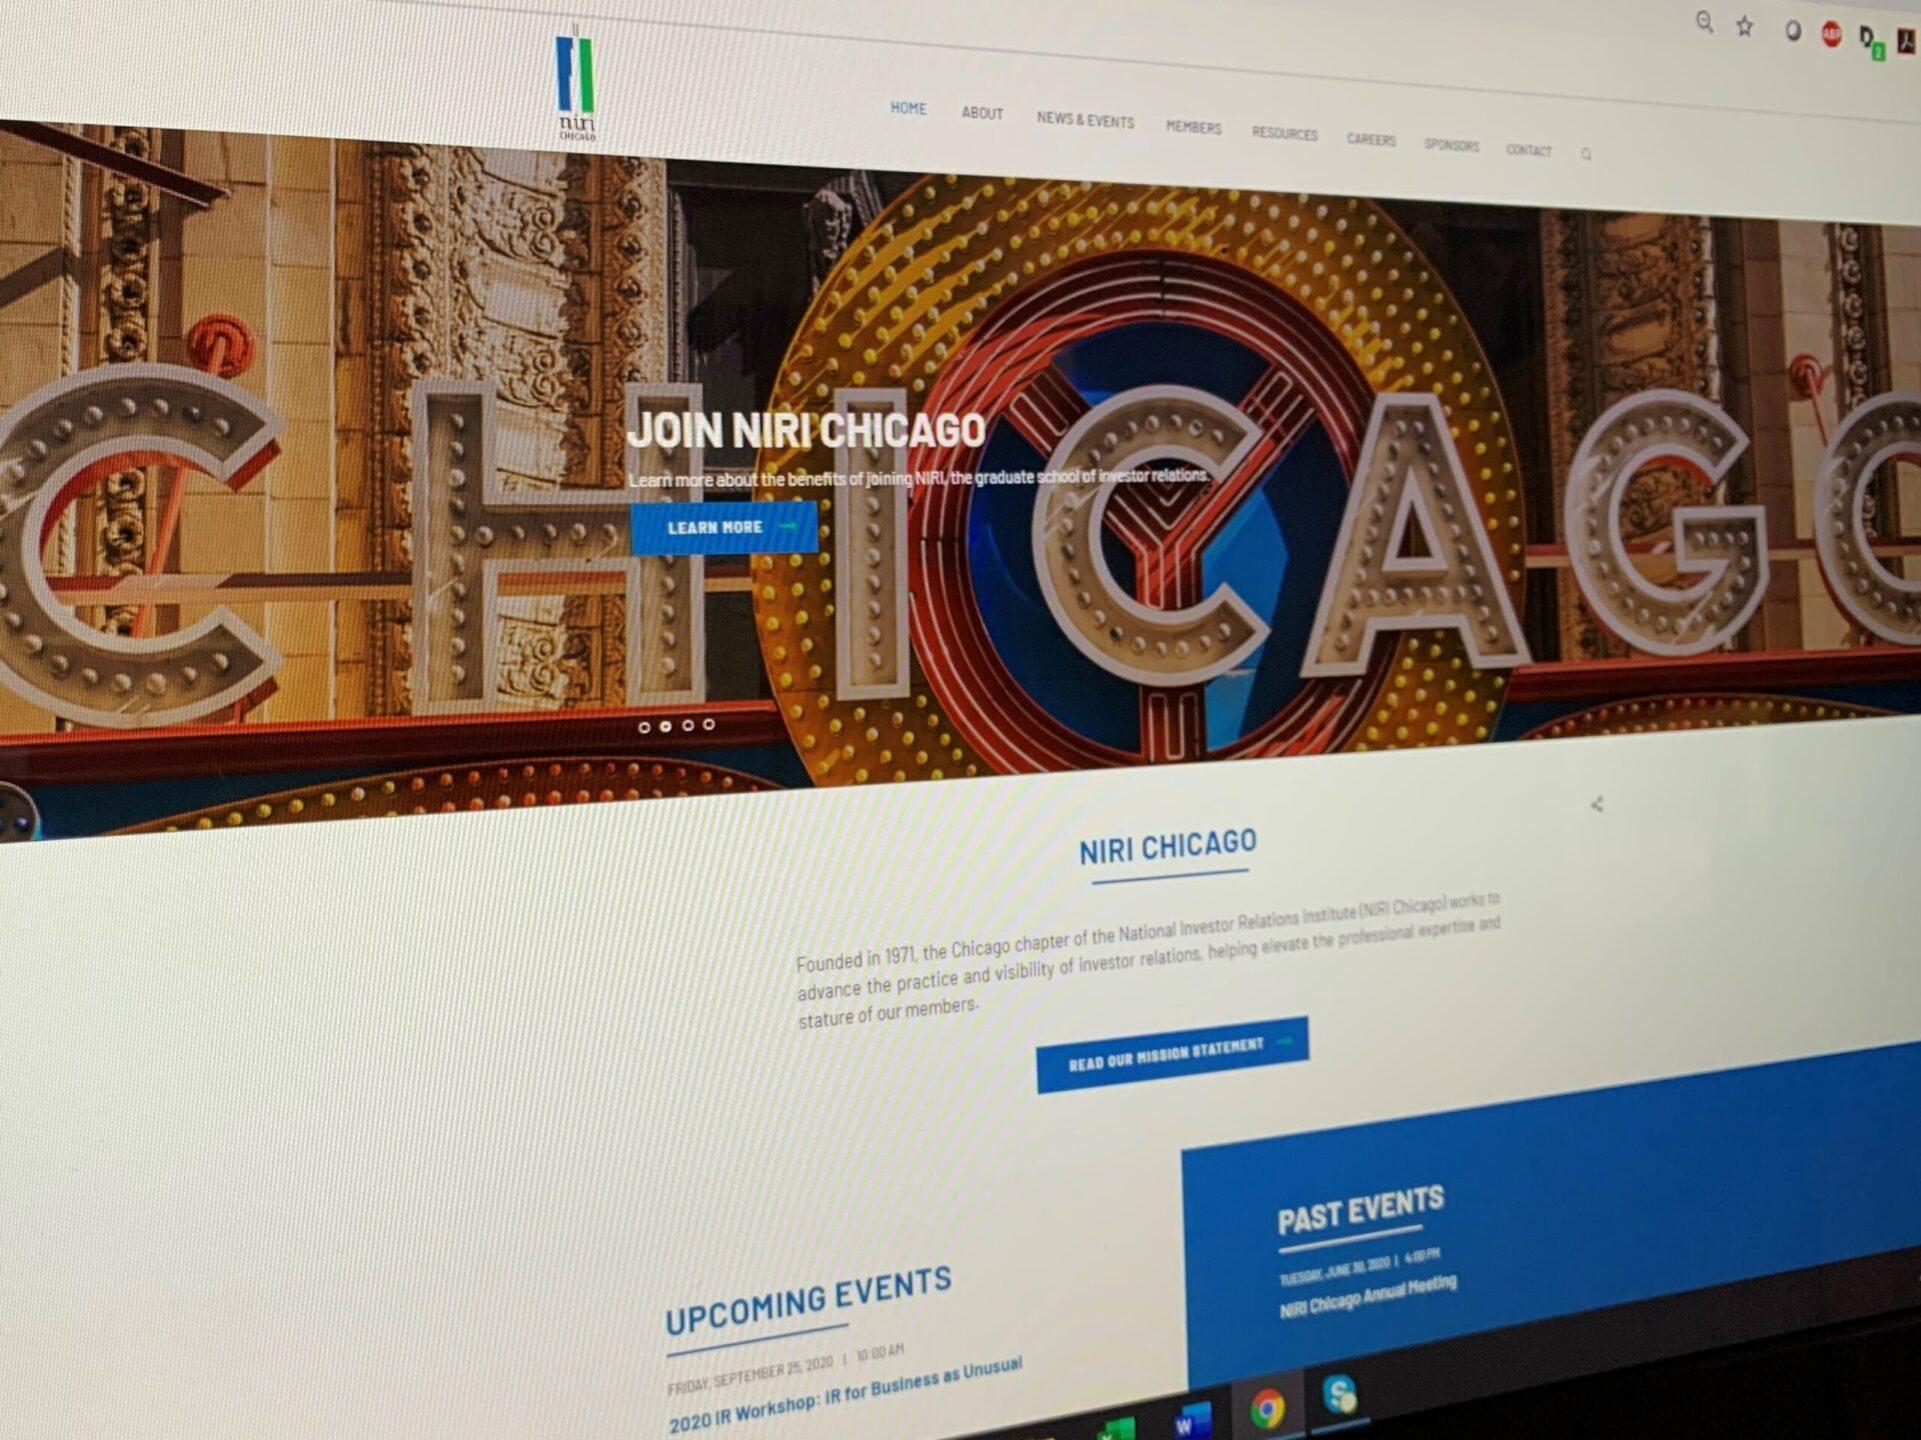 NIRI Chicago 2020 website redesign